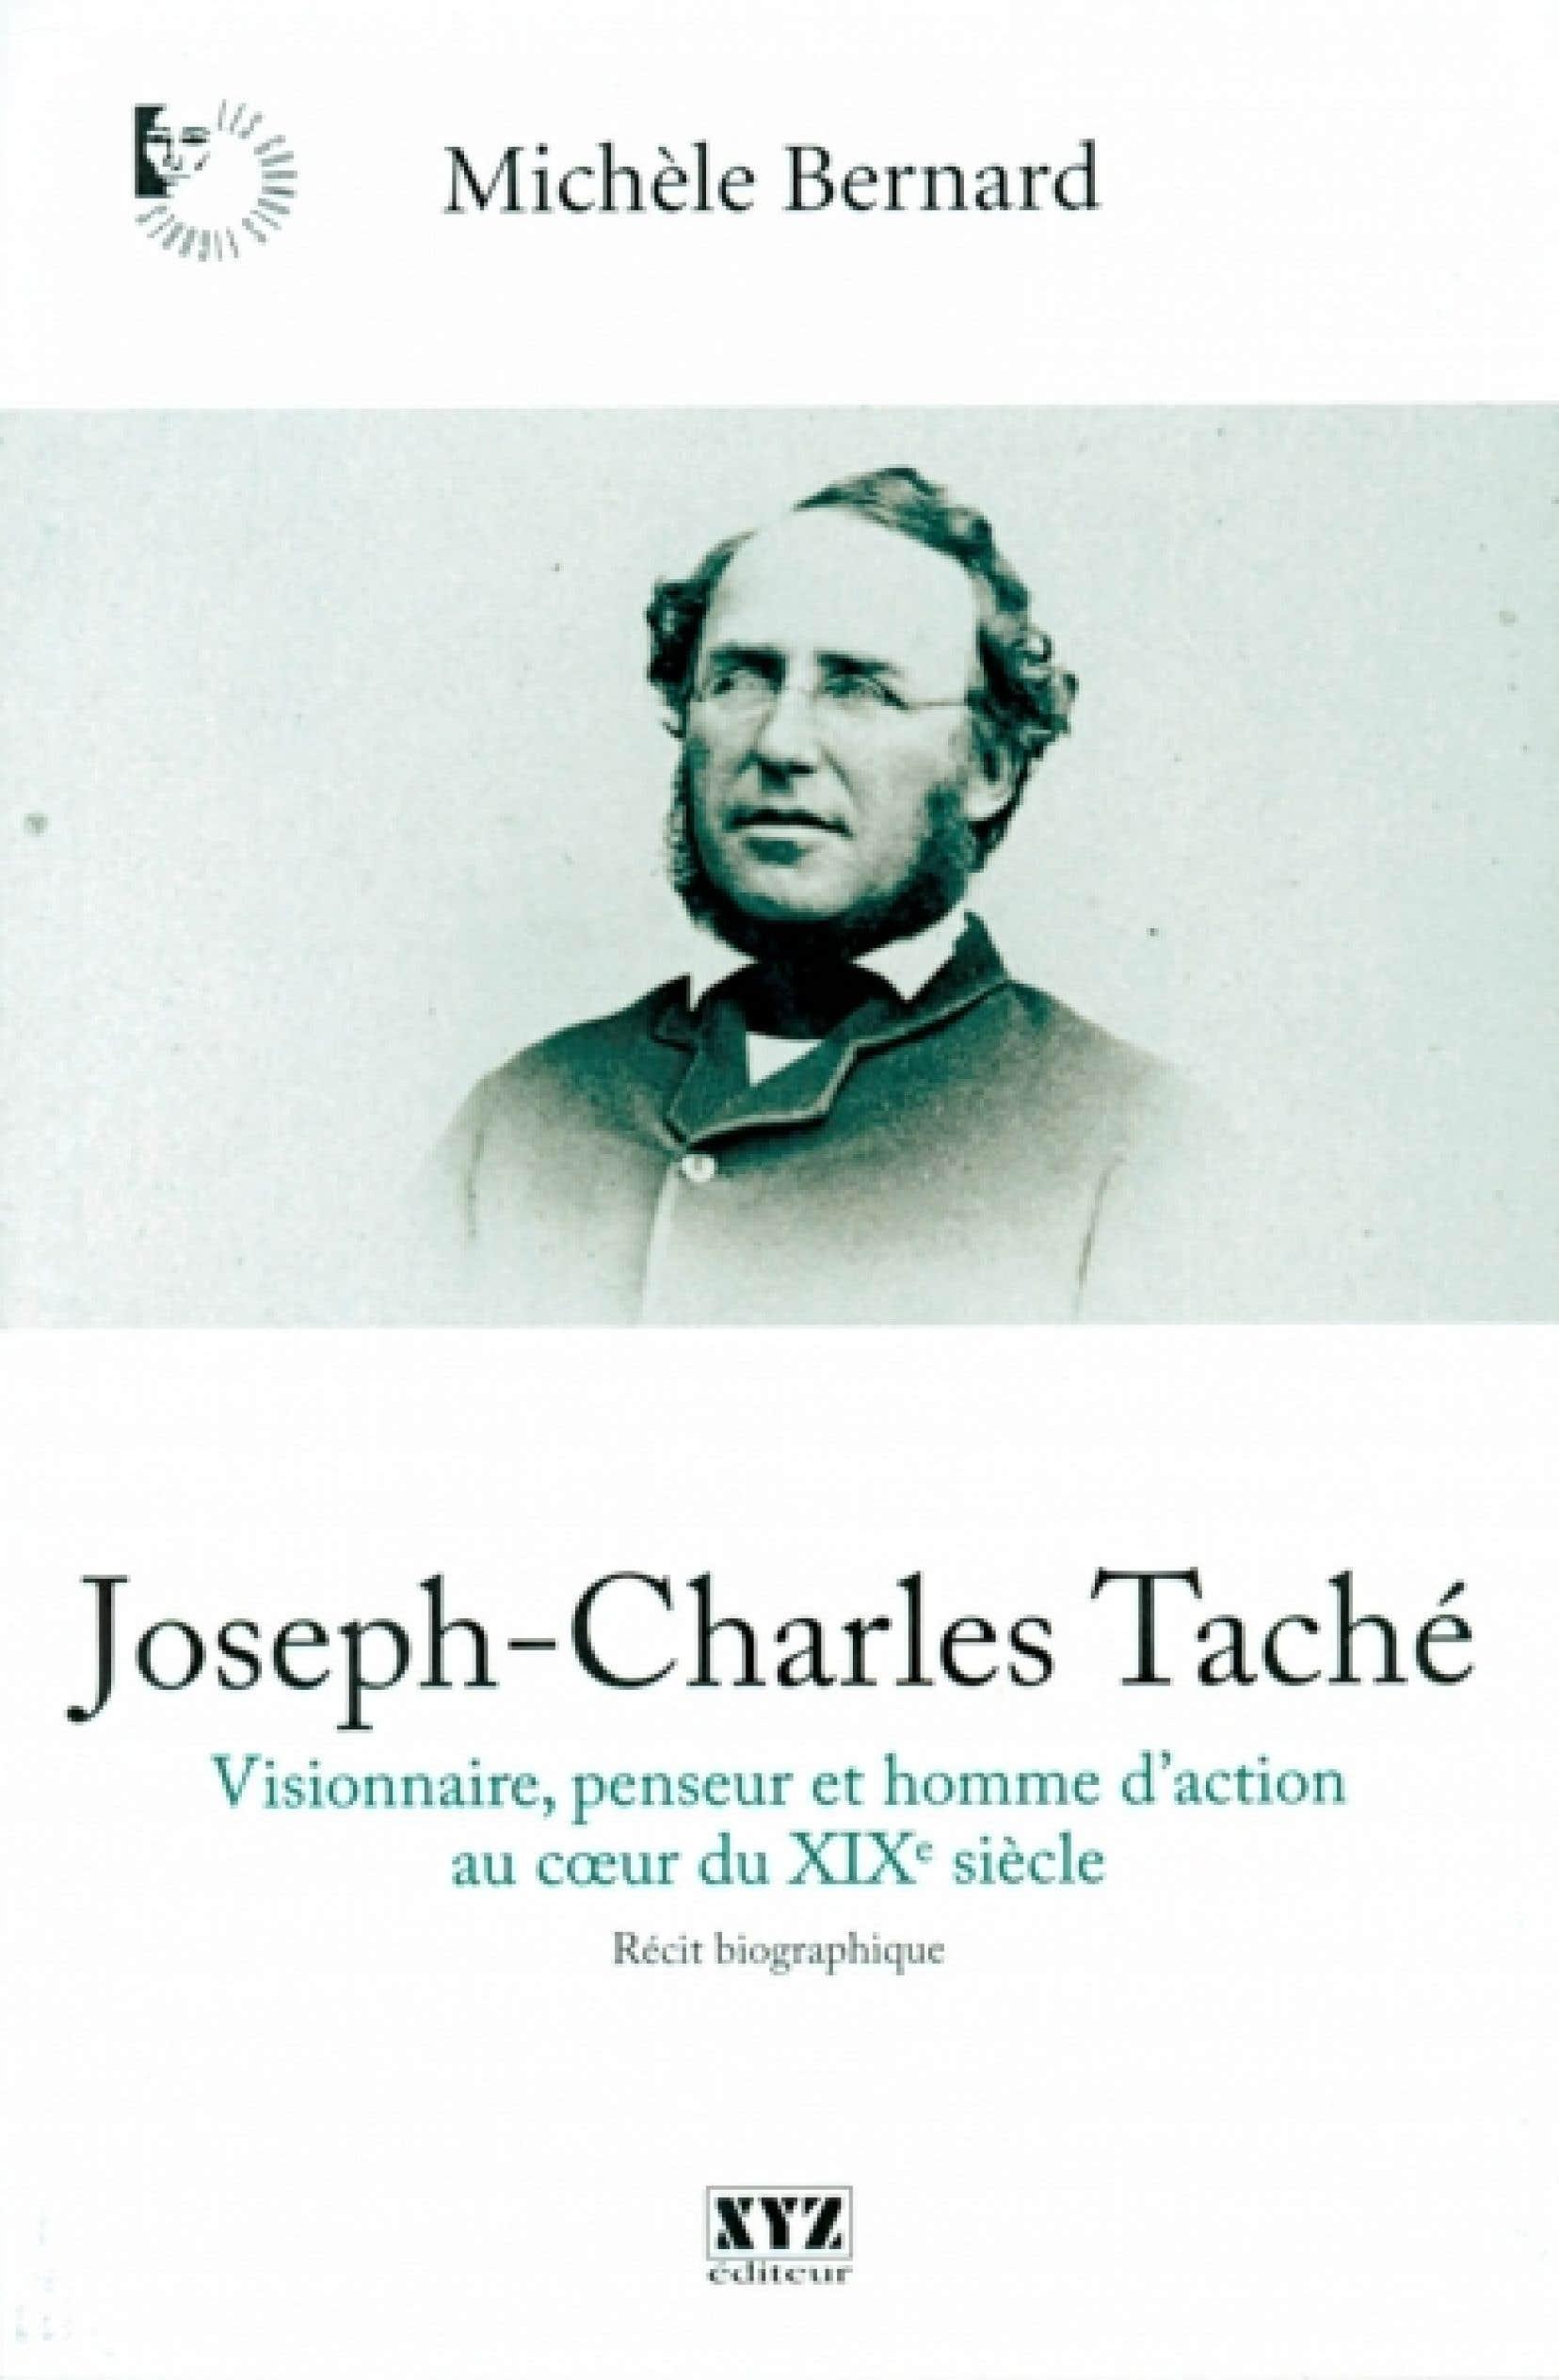 Joseph-Charles Taché vers 1865, photographié par Livernois<br />